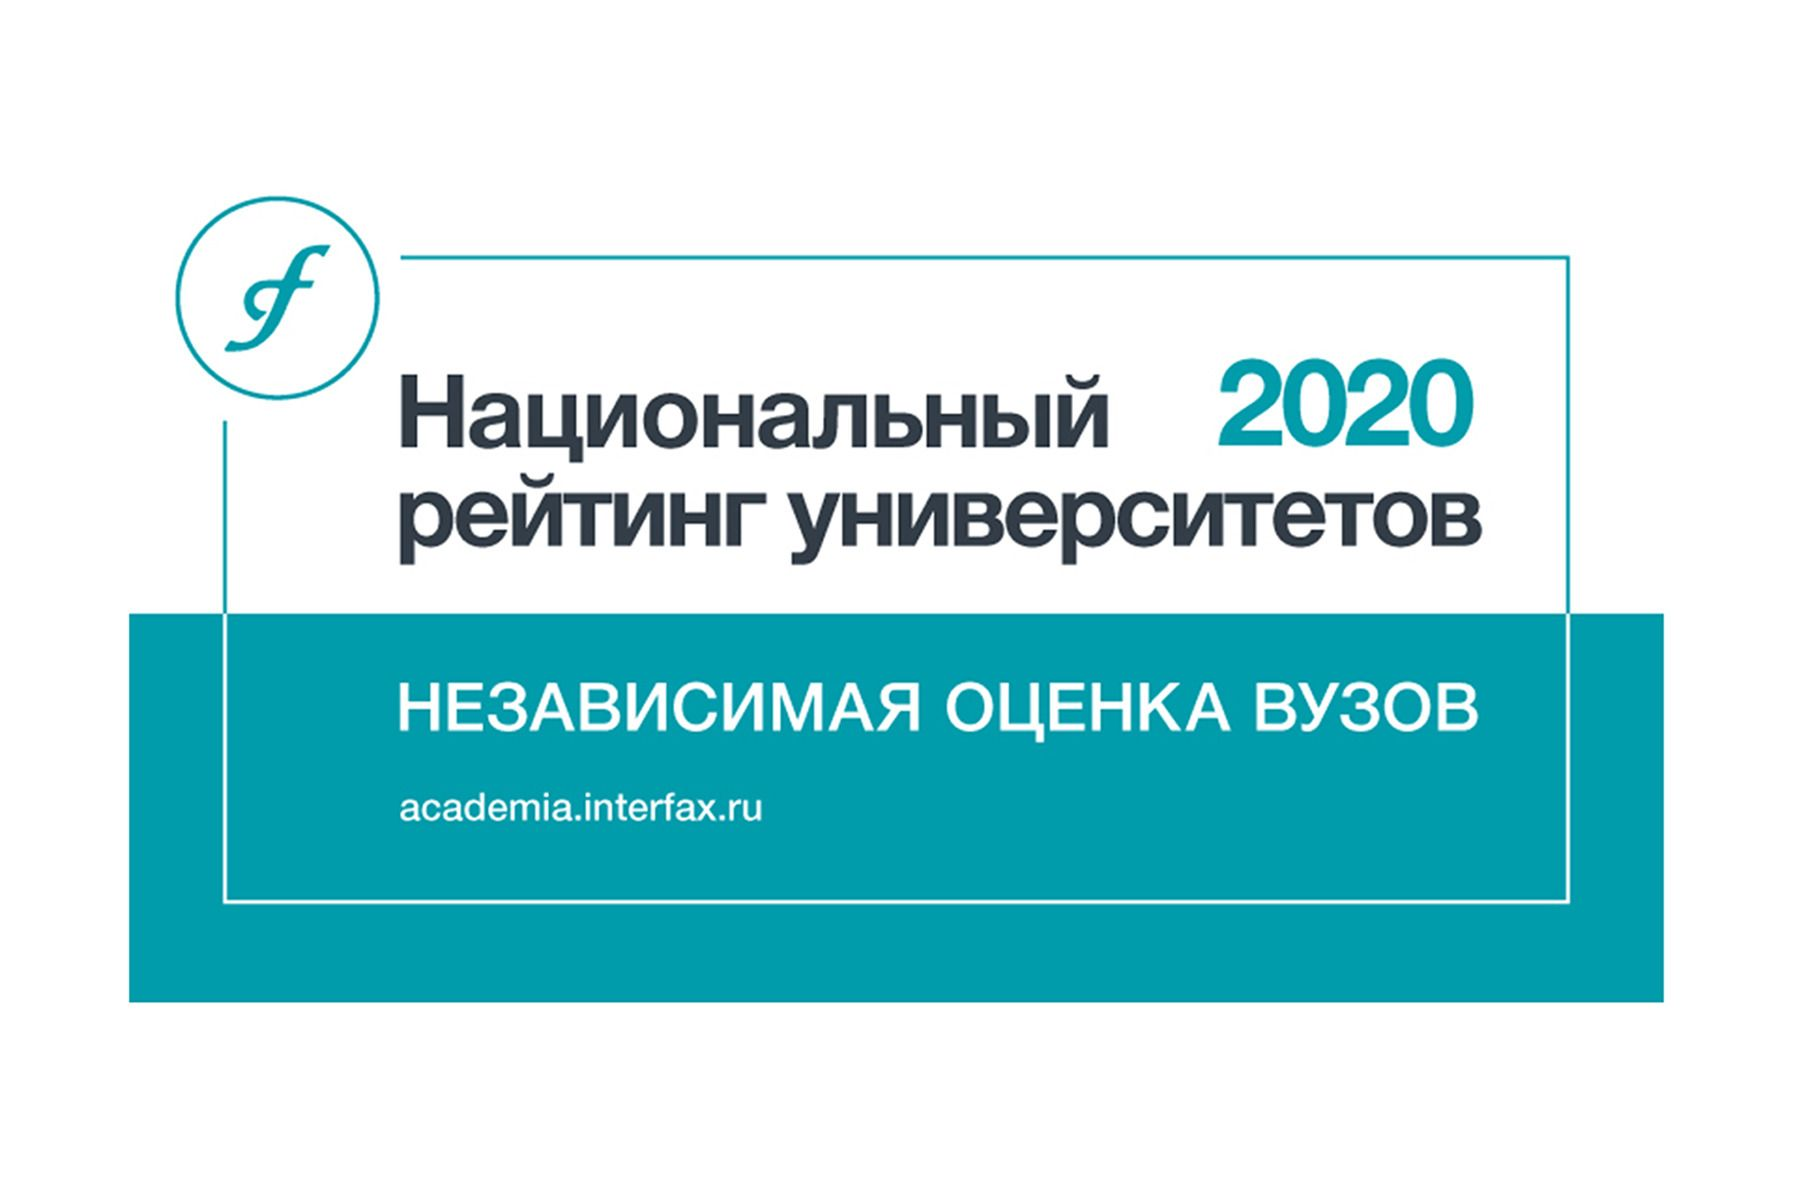 ВГУЭС — лидер образования в регионе по результатам Национального рейтинга университетов «Интерфакс» 2020